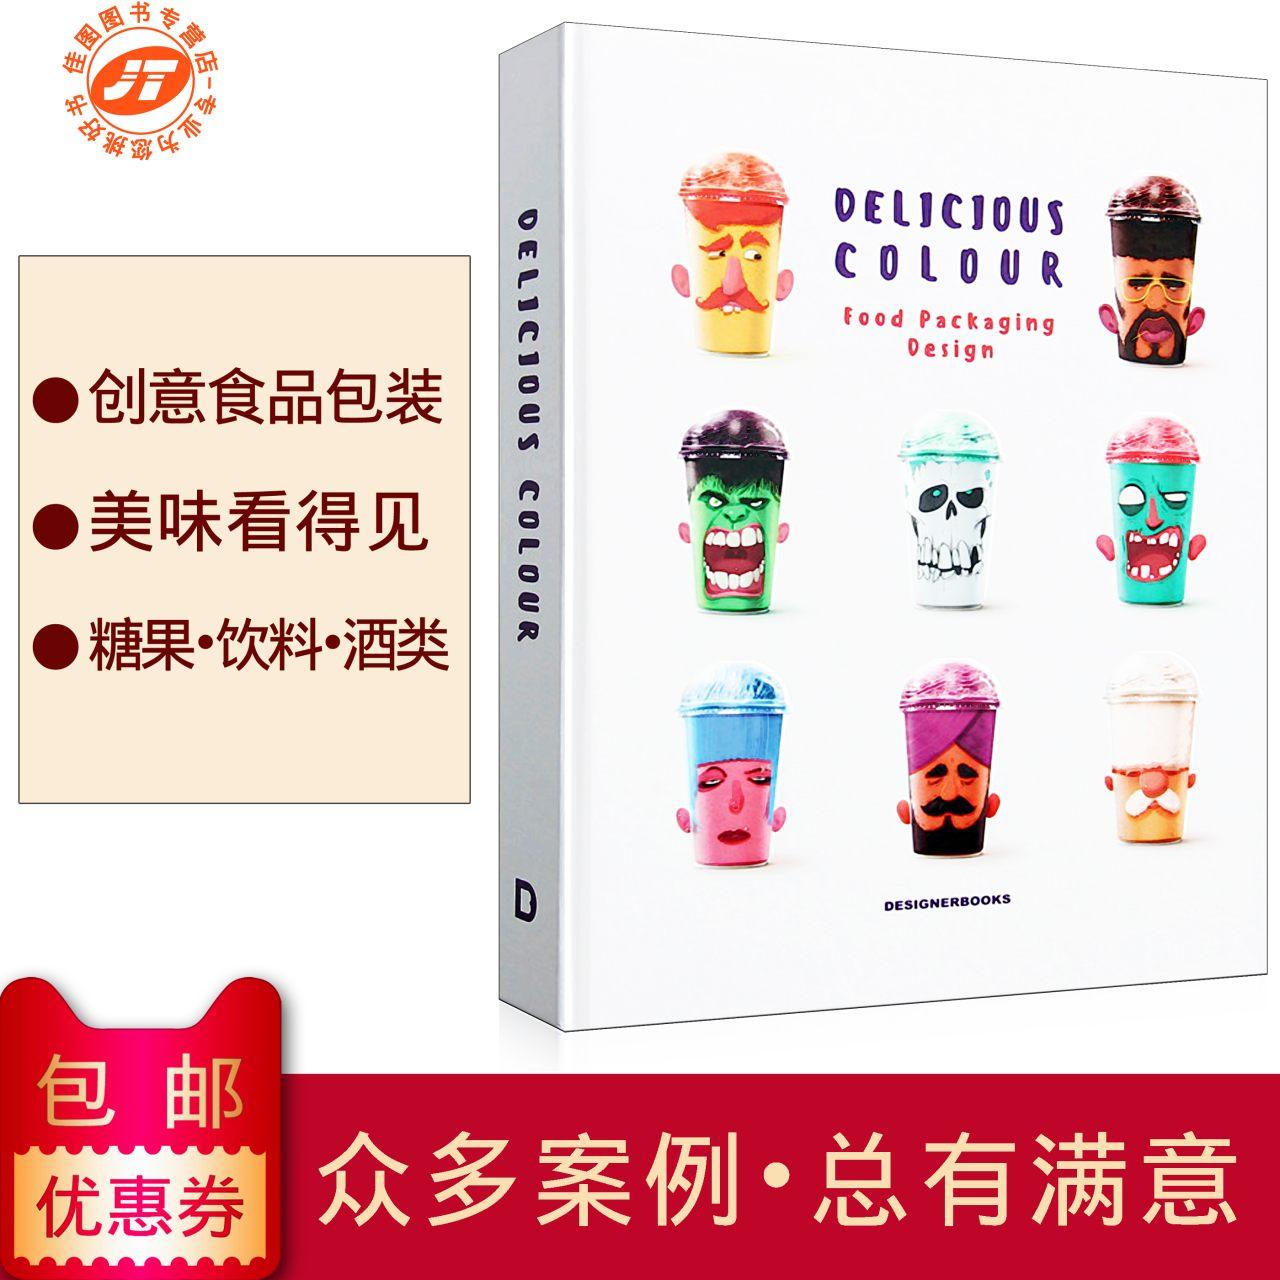 正版包邮 美味的色彩(Delicious Colour)产品包装 食品 包装设计 饮料饮品包装材料 配色艺术美术商业视觉 创意 设计书籍